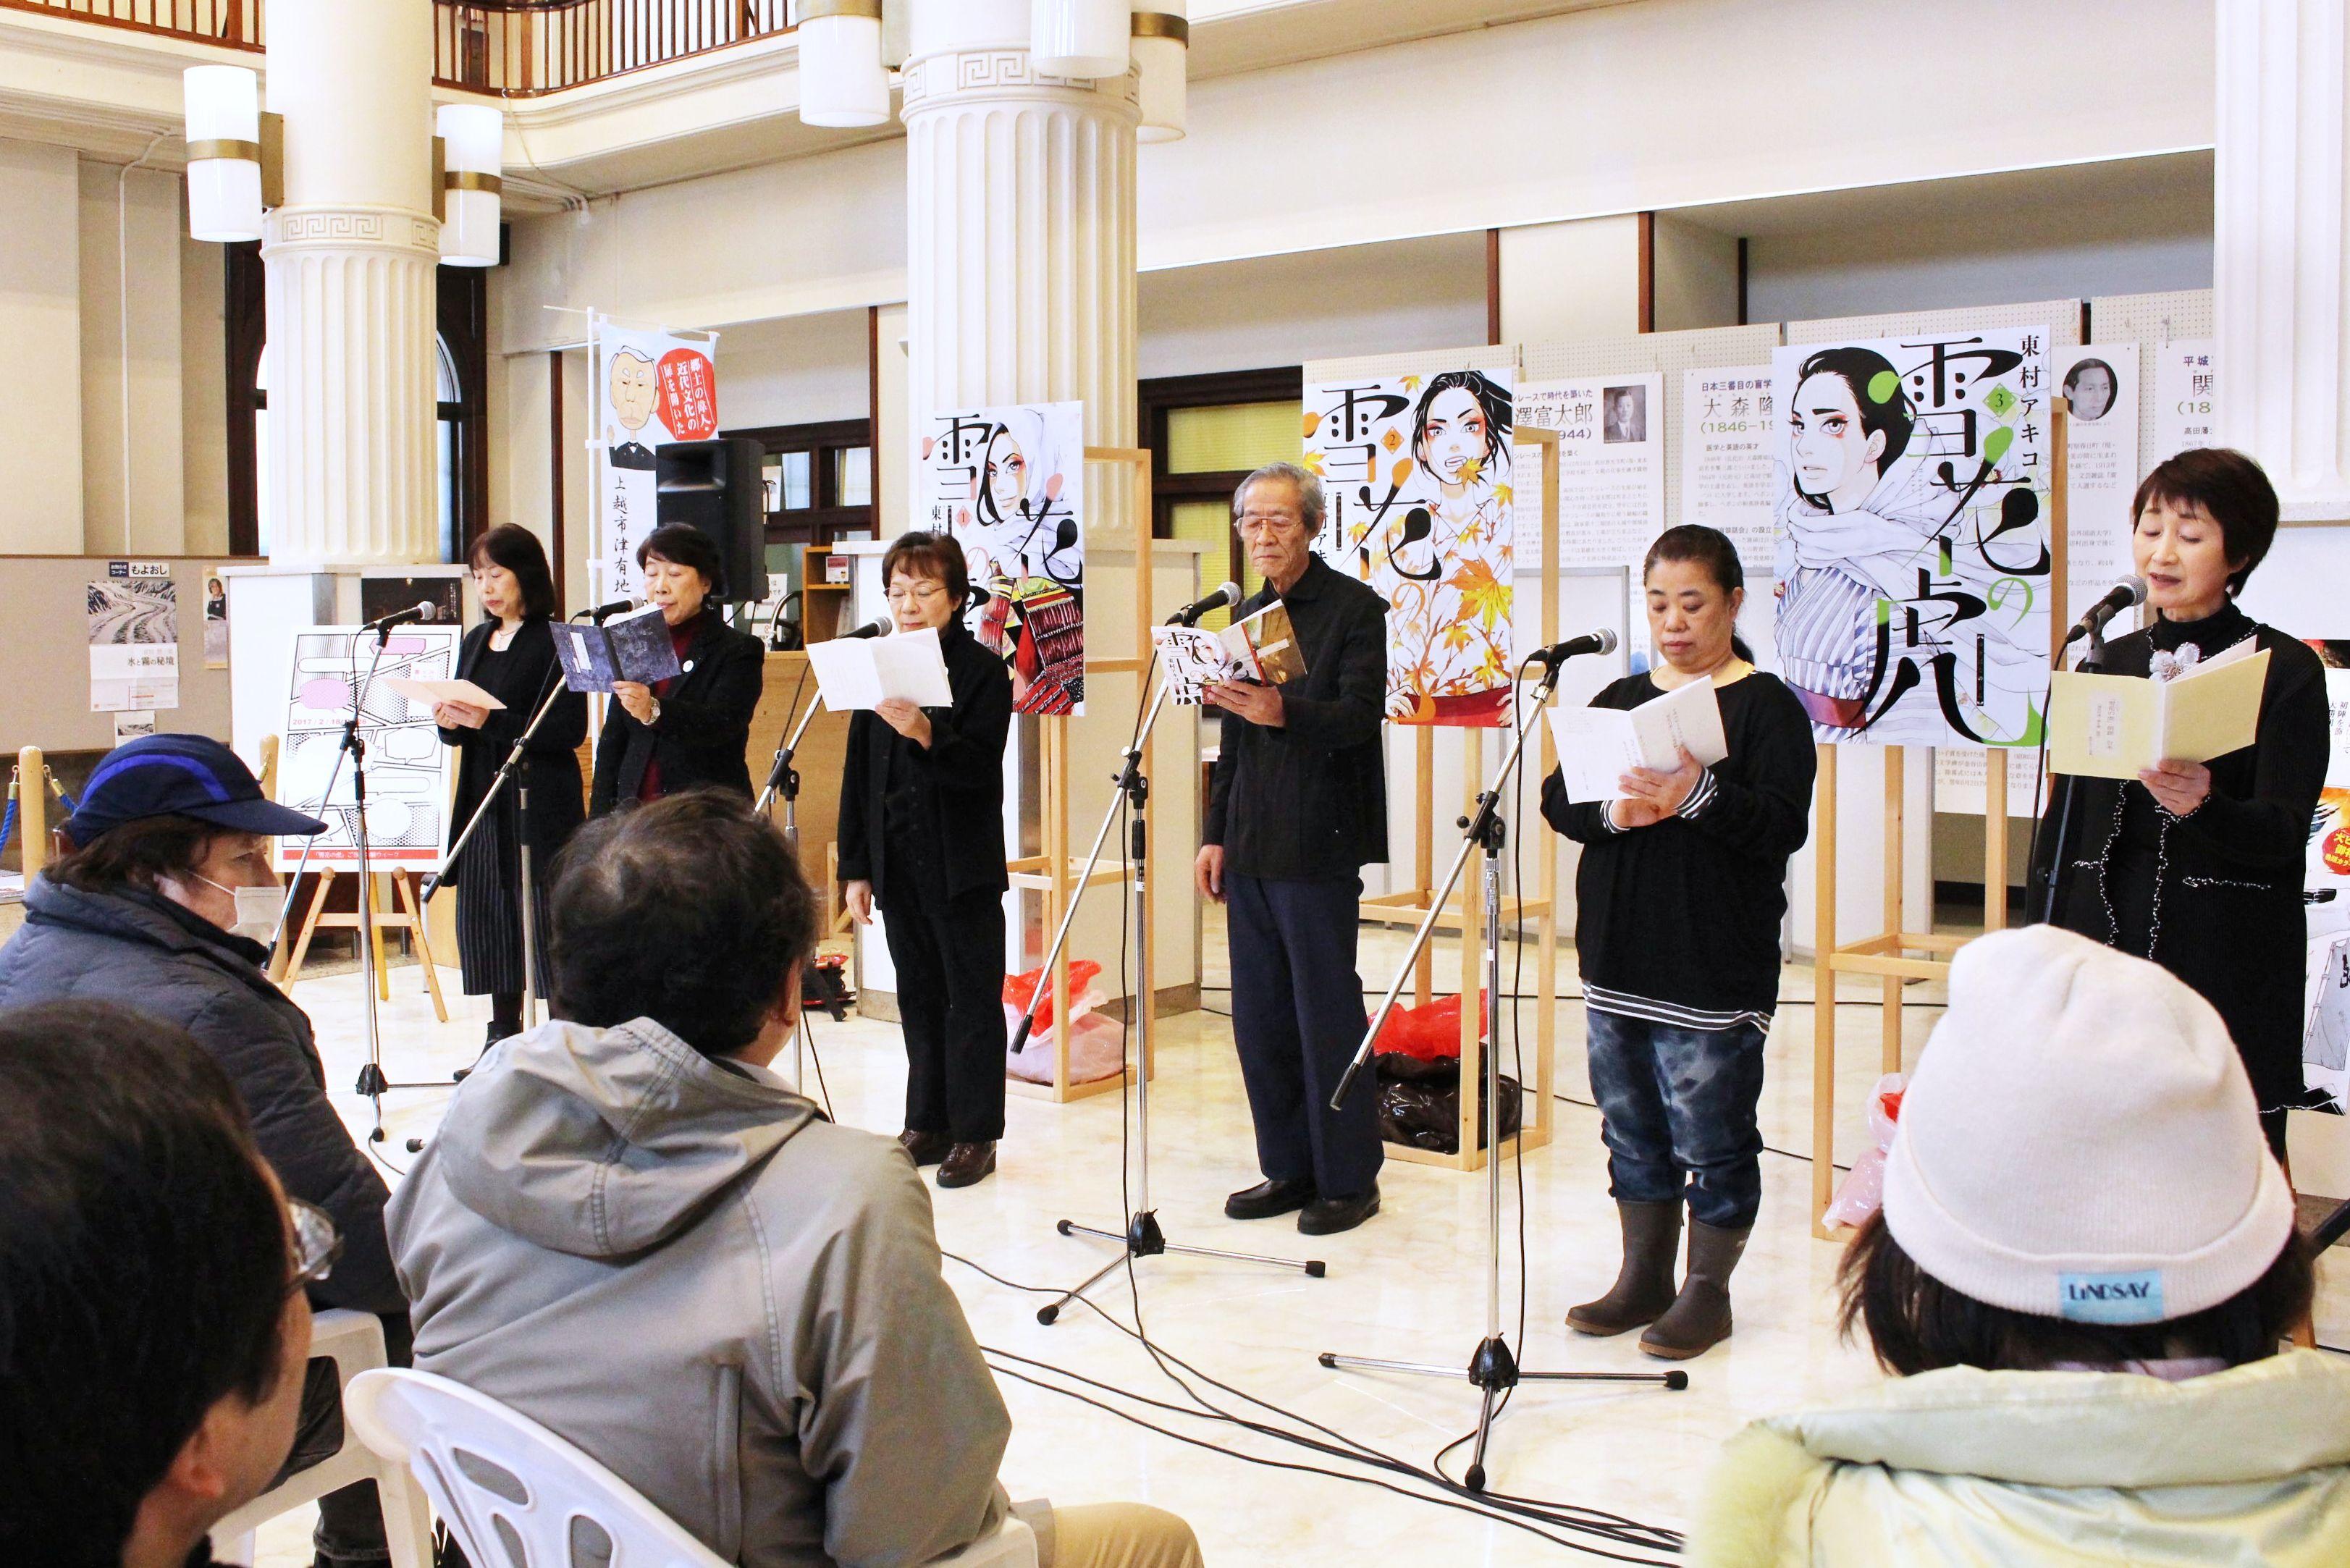 漫画「雪花の虎」の一場面を朗読する市民グループ=18日、上越市本町3